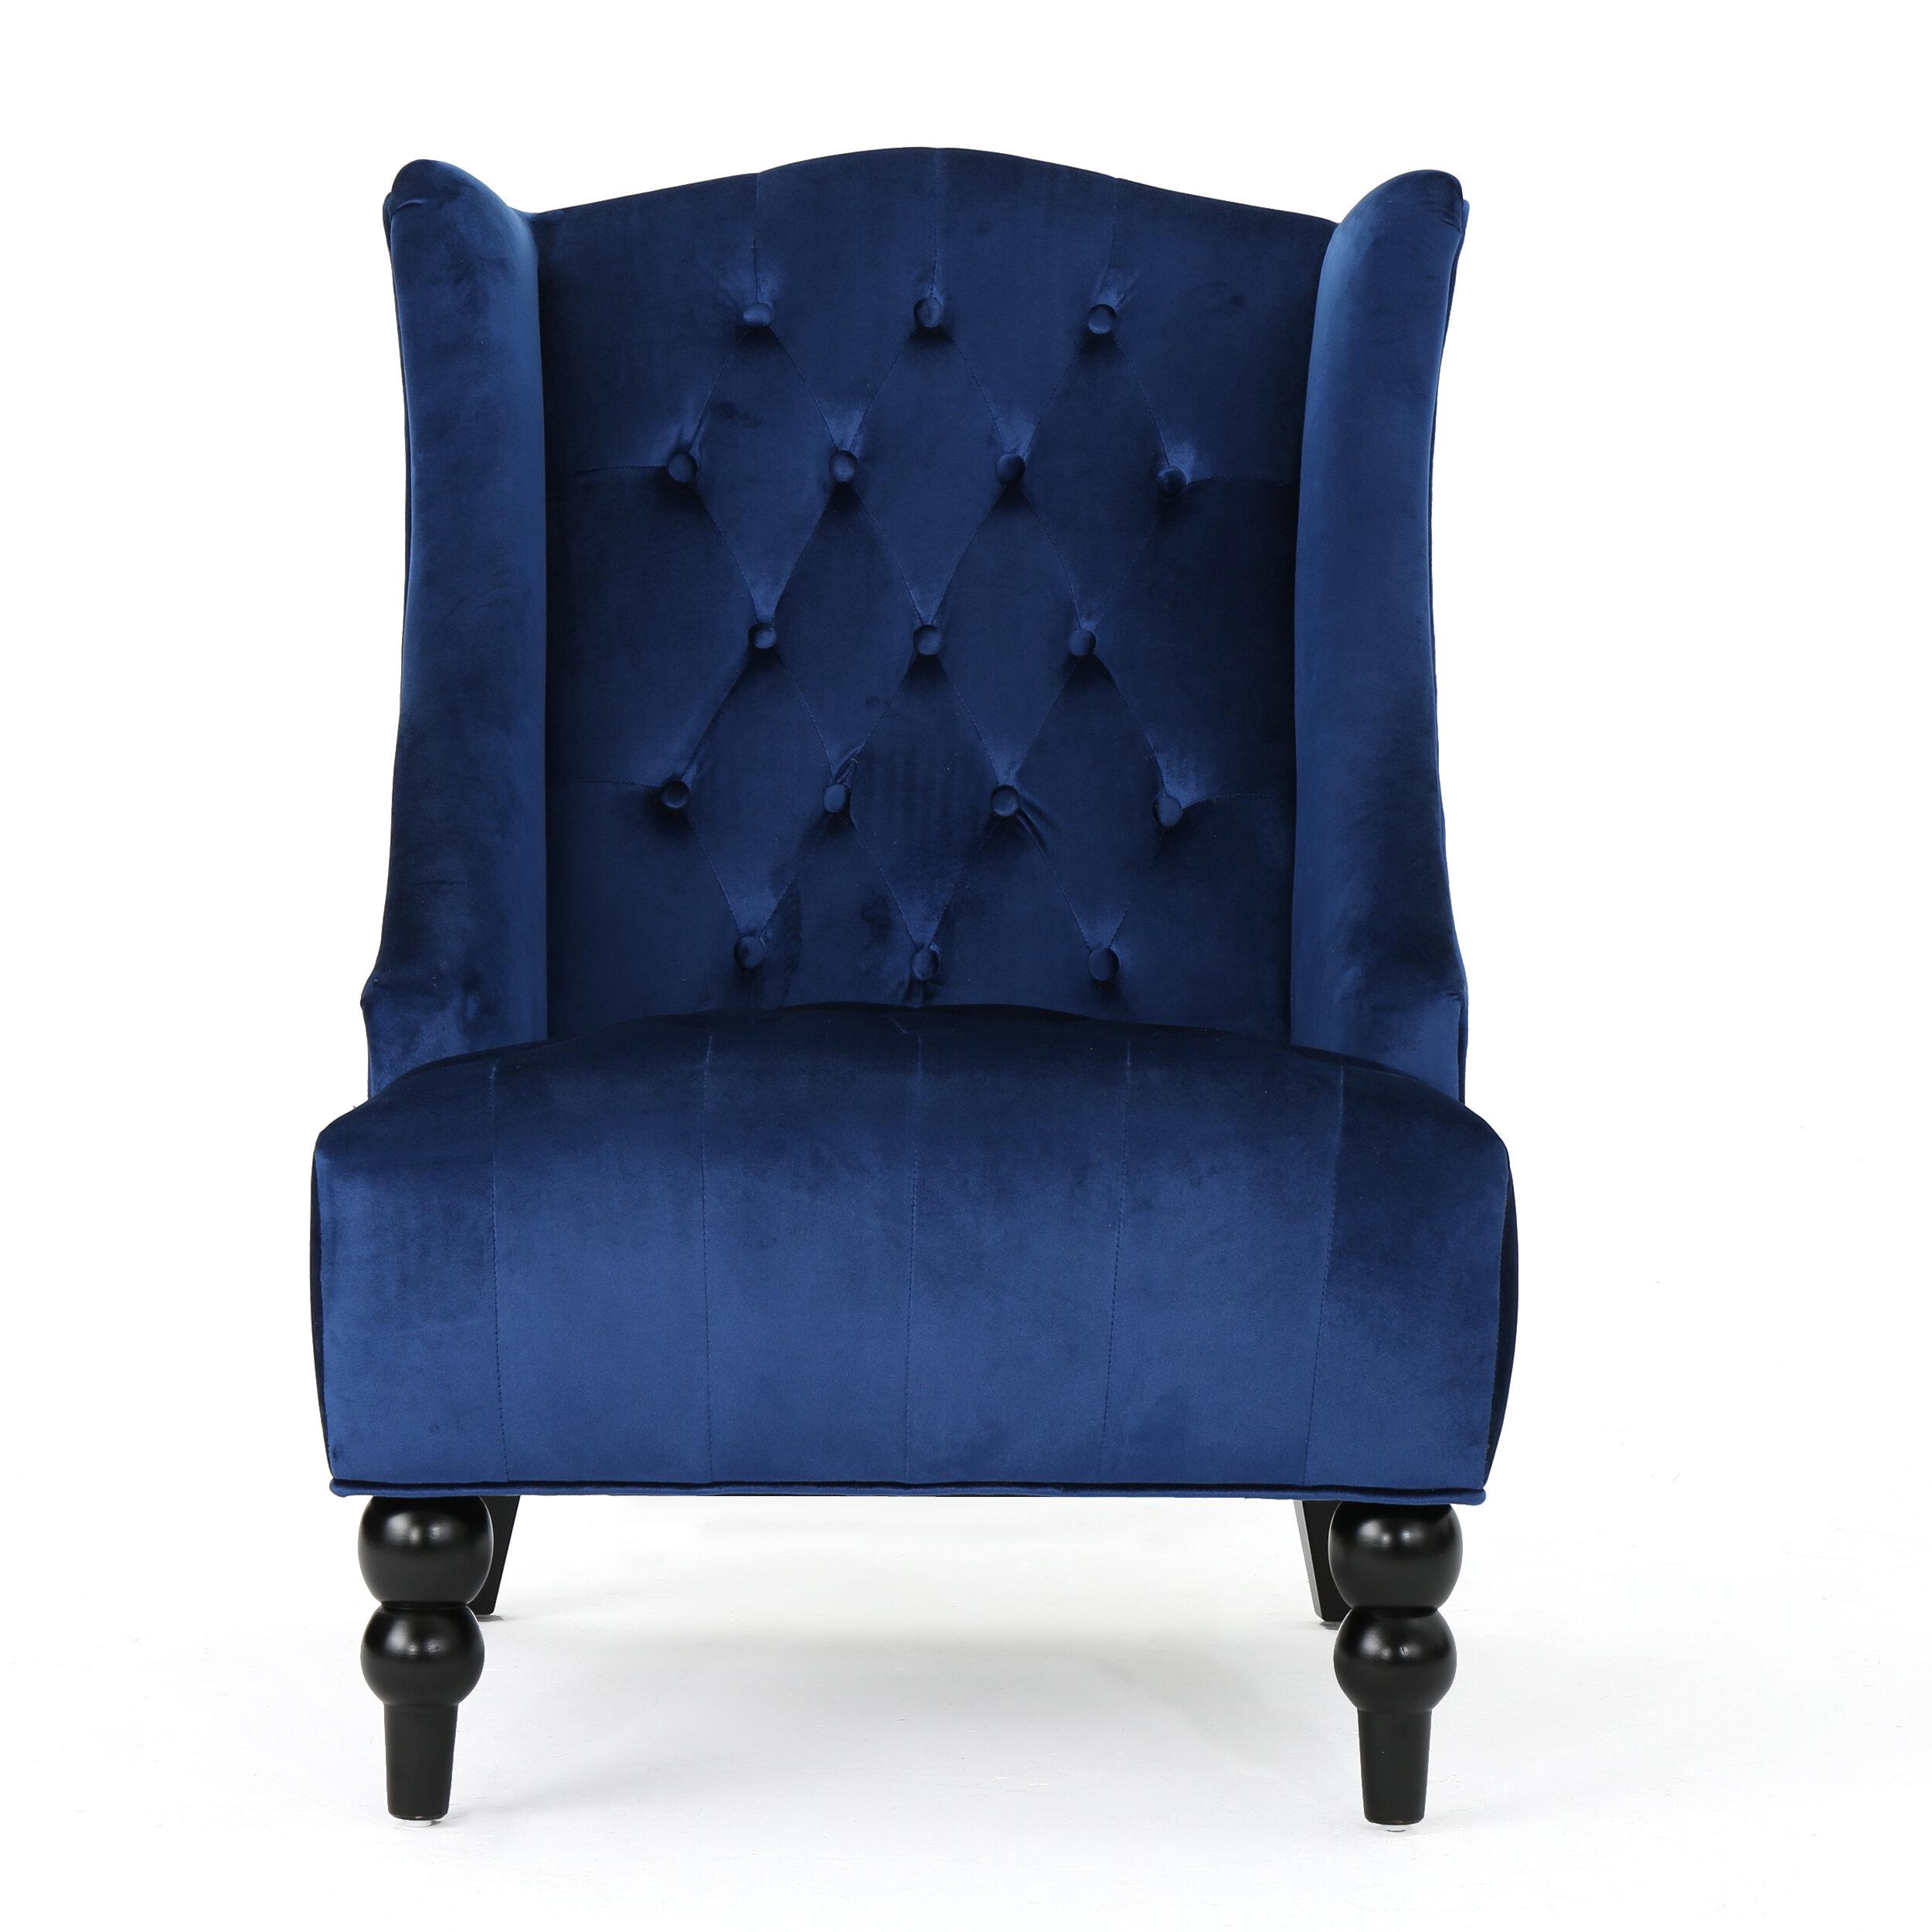 Alcott Hill Potterslane High Back New Velvet Wingback Chair U0026 Reviews |  Wayfair